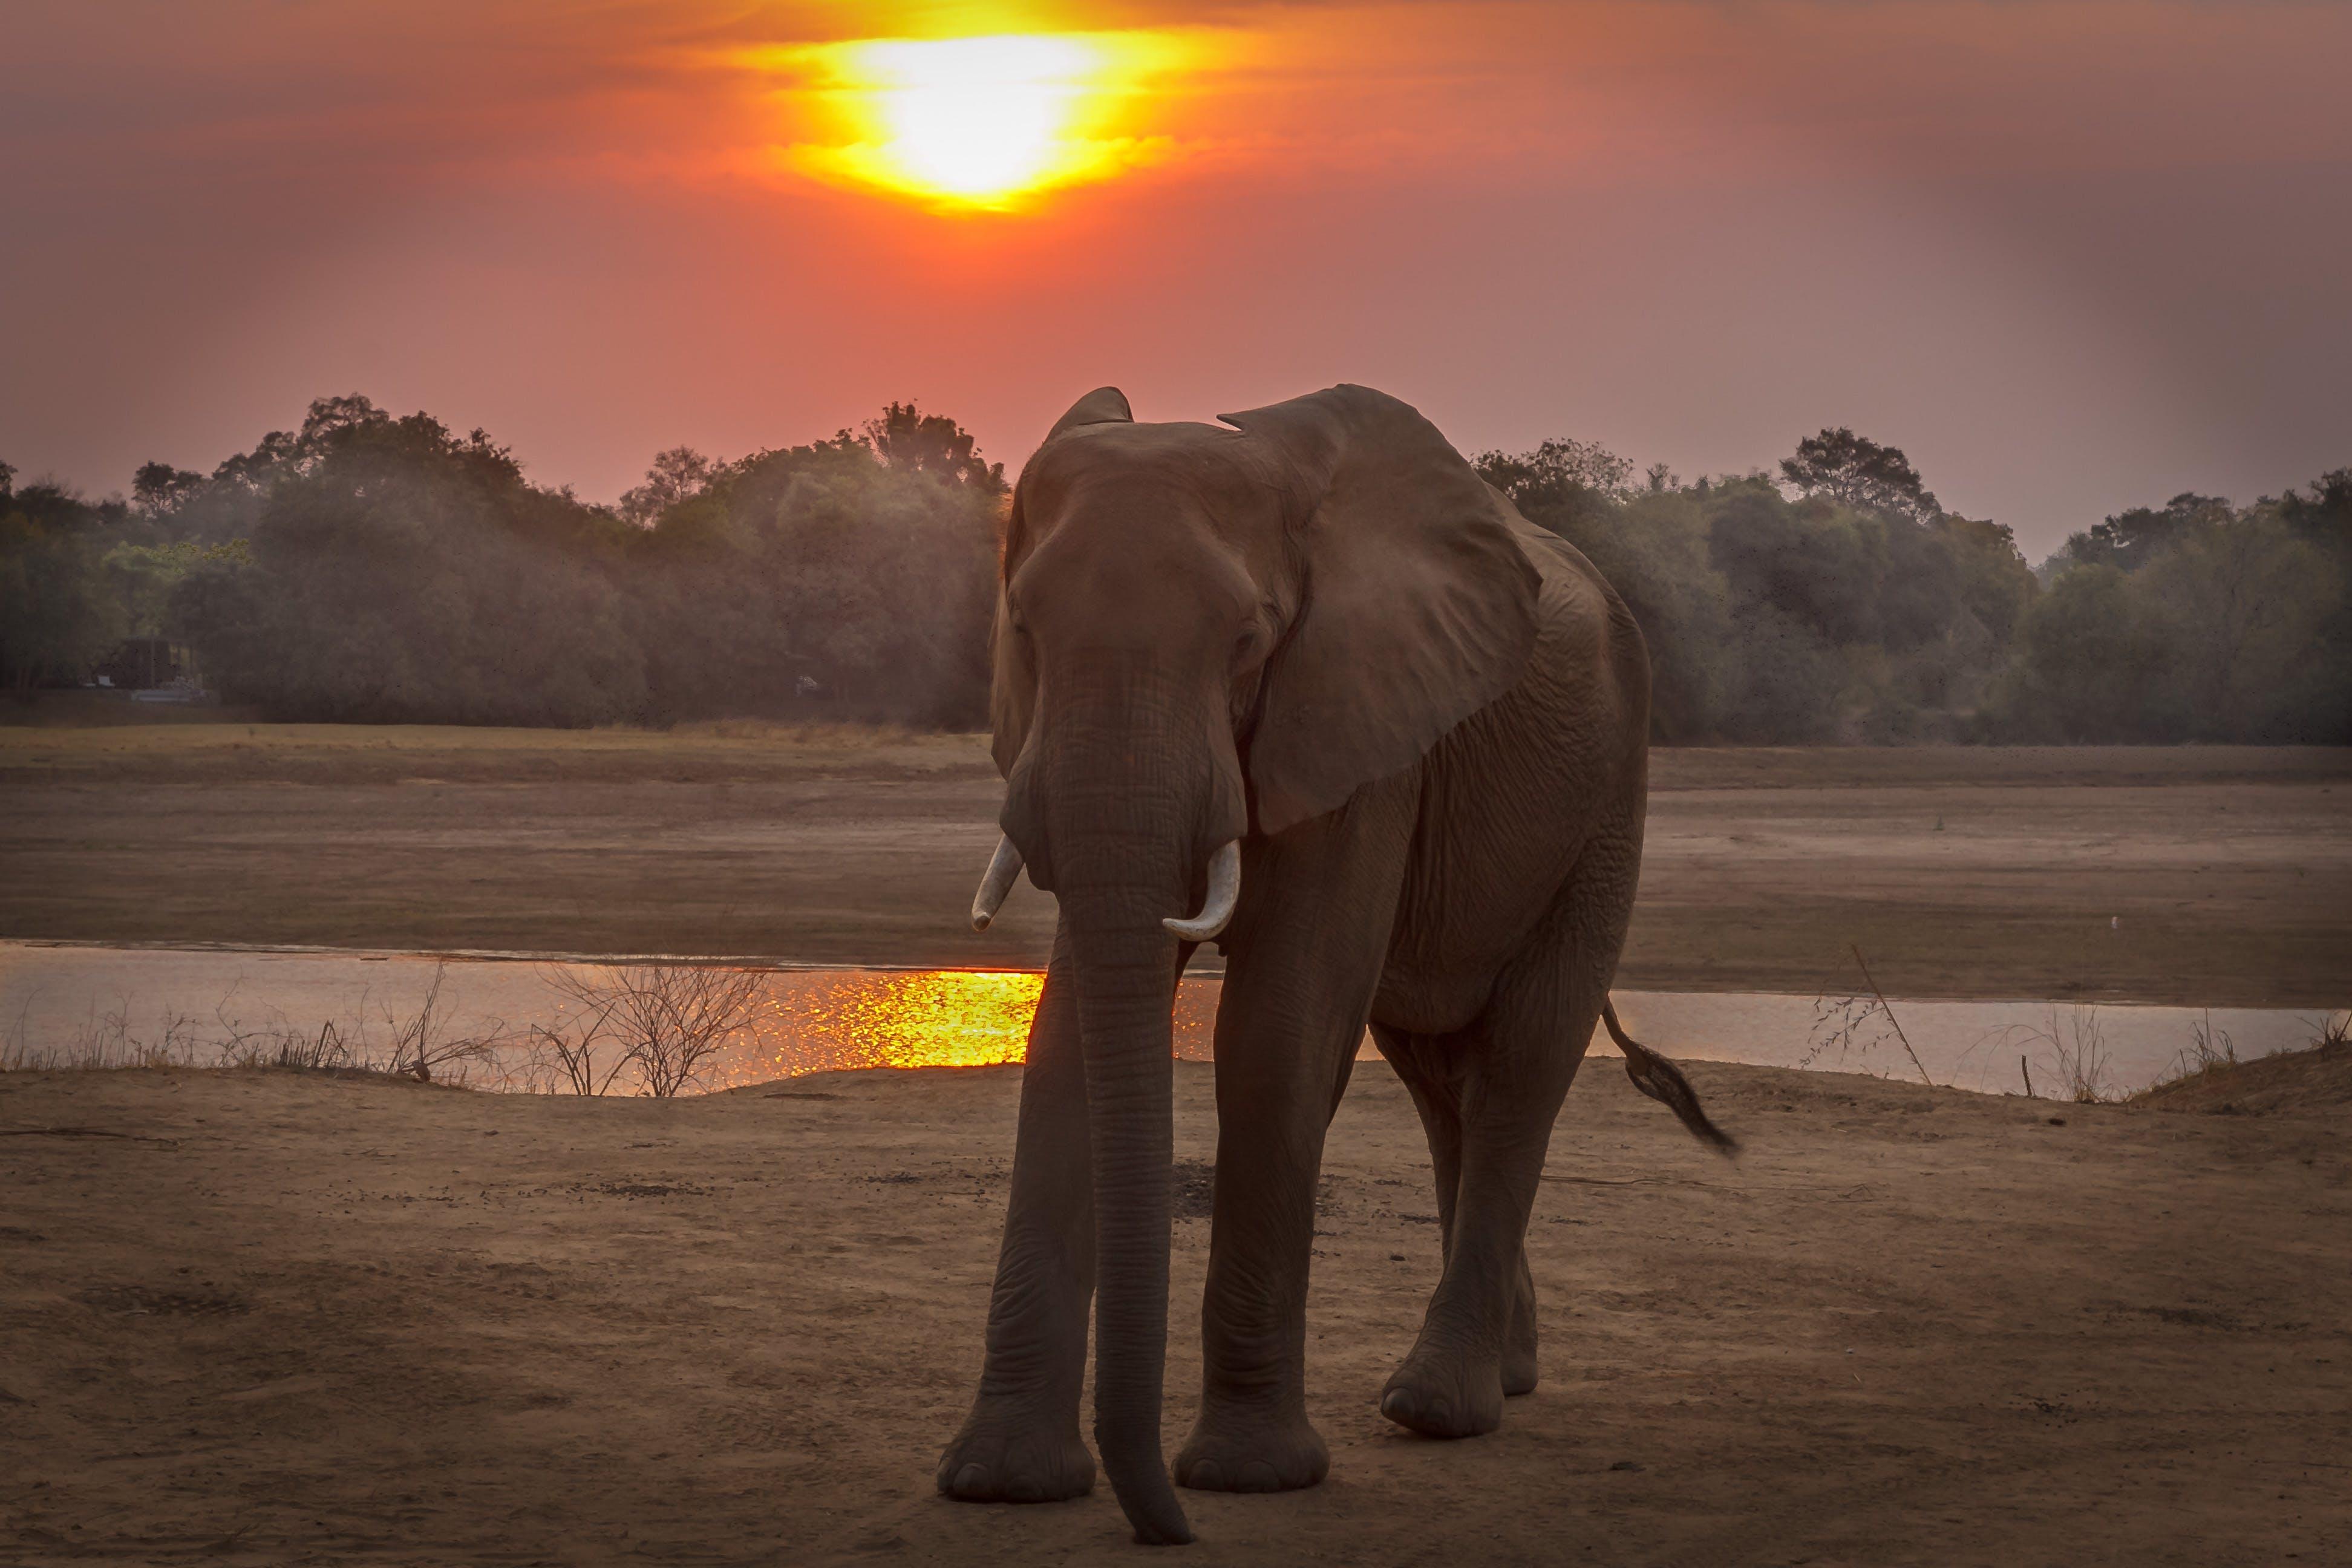 Free stock photo of Elaphant, golden sunset